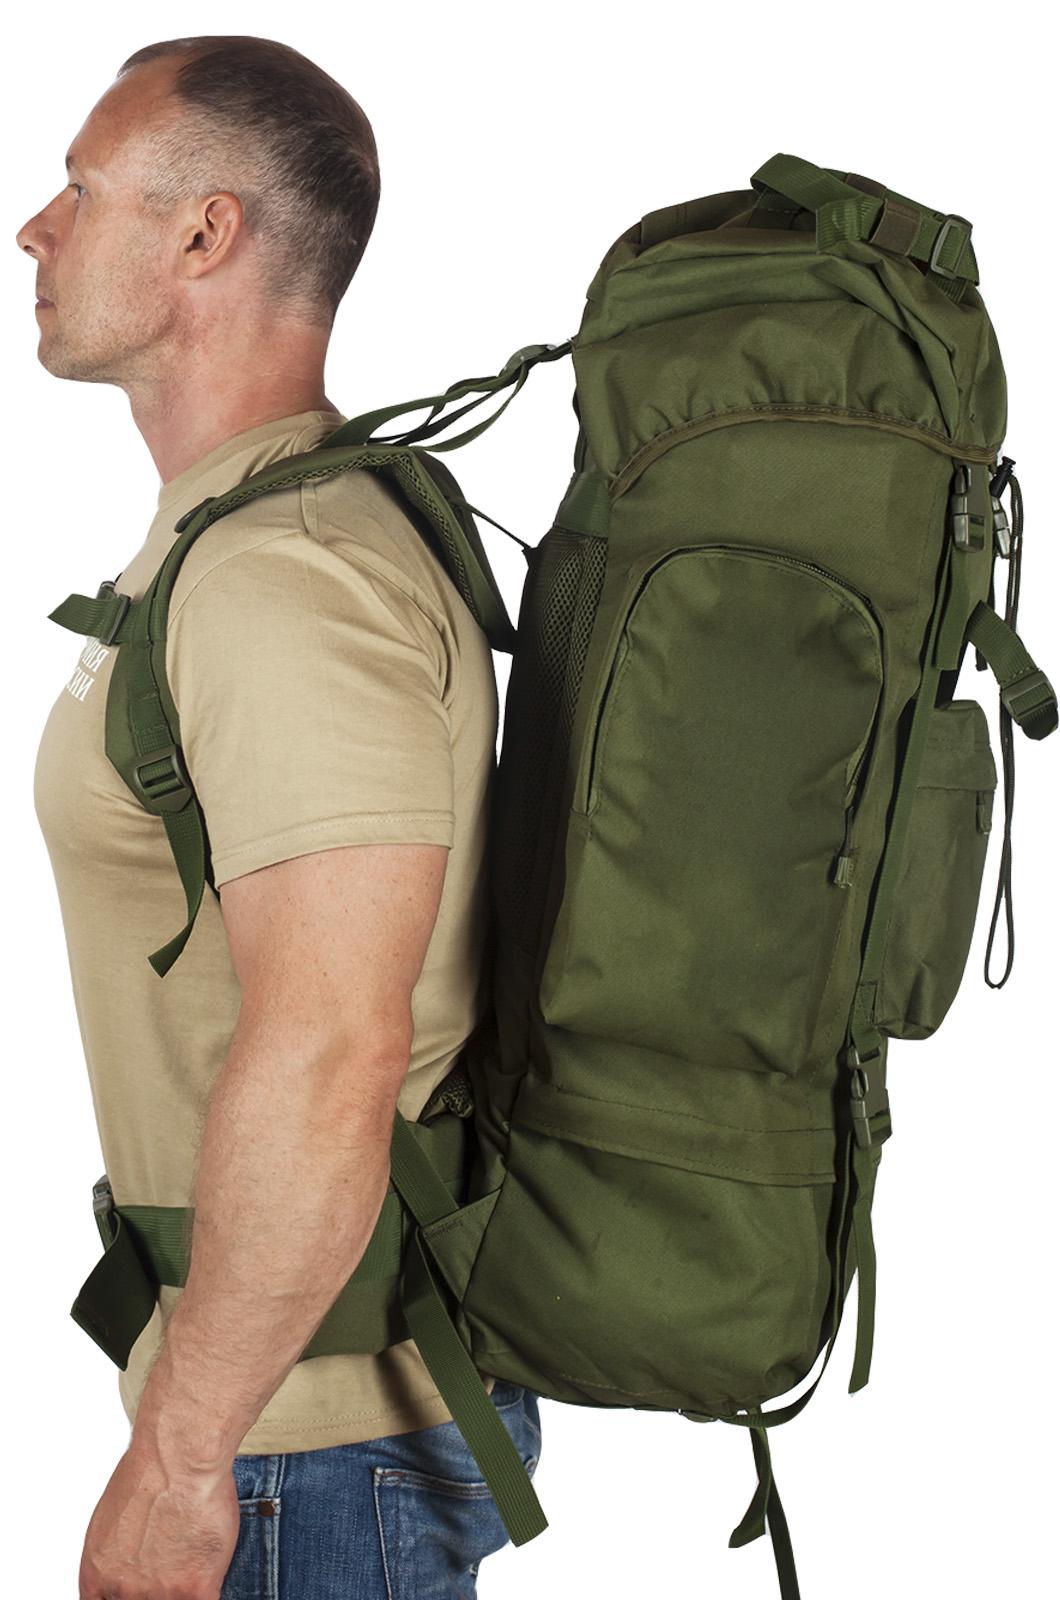 Заказать тактический военный рюкзак (хаки-олива)